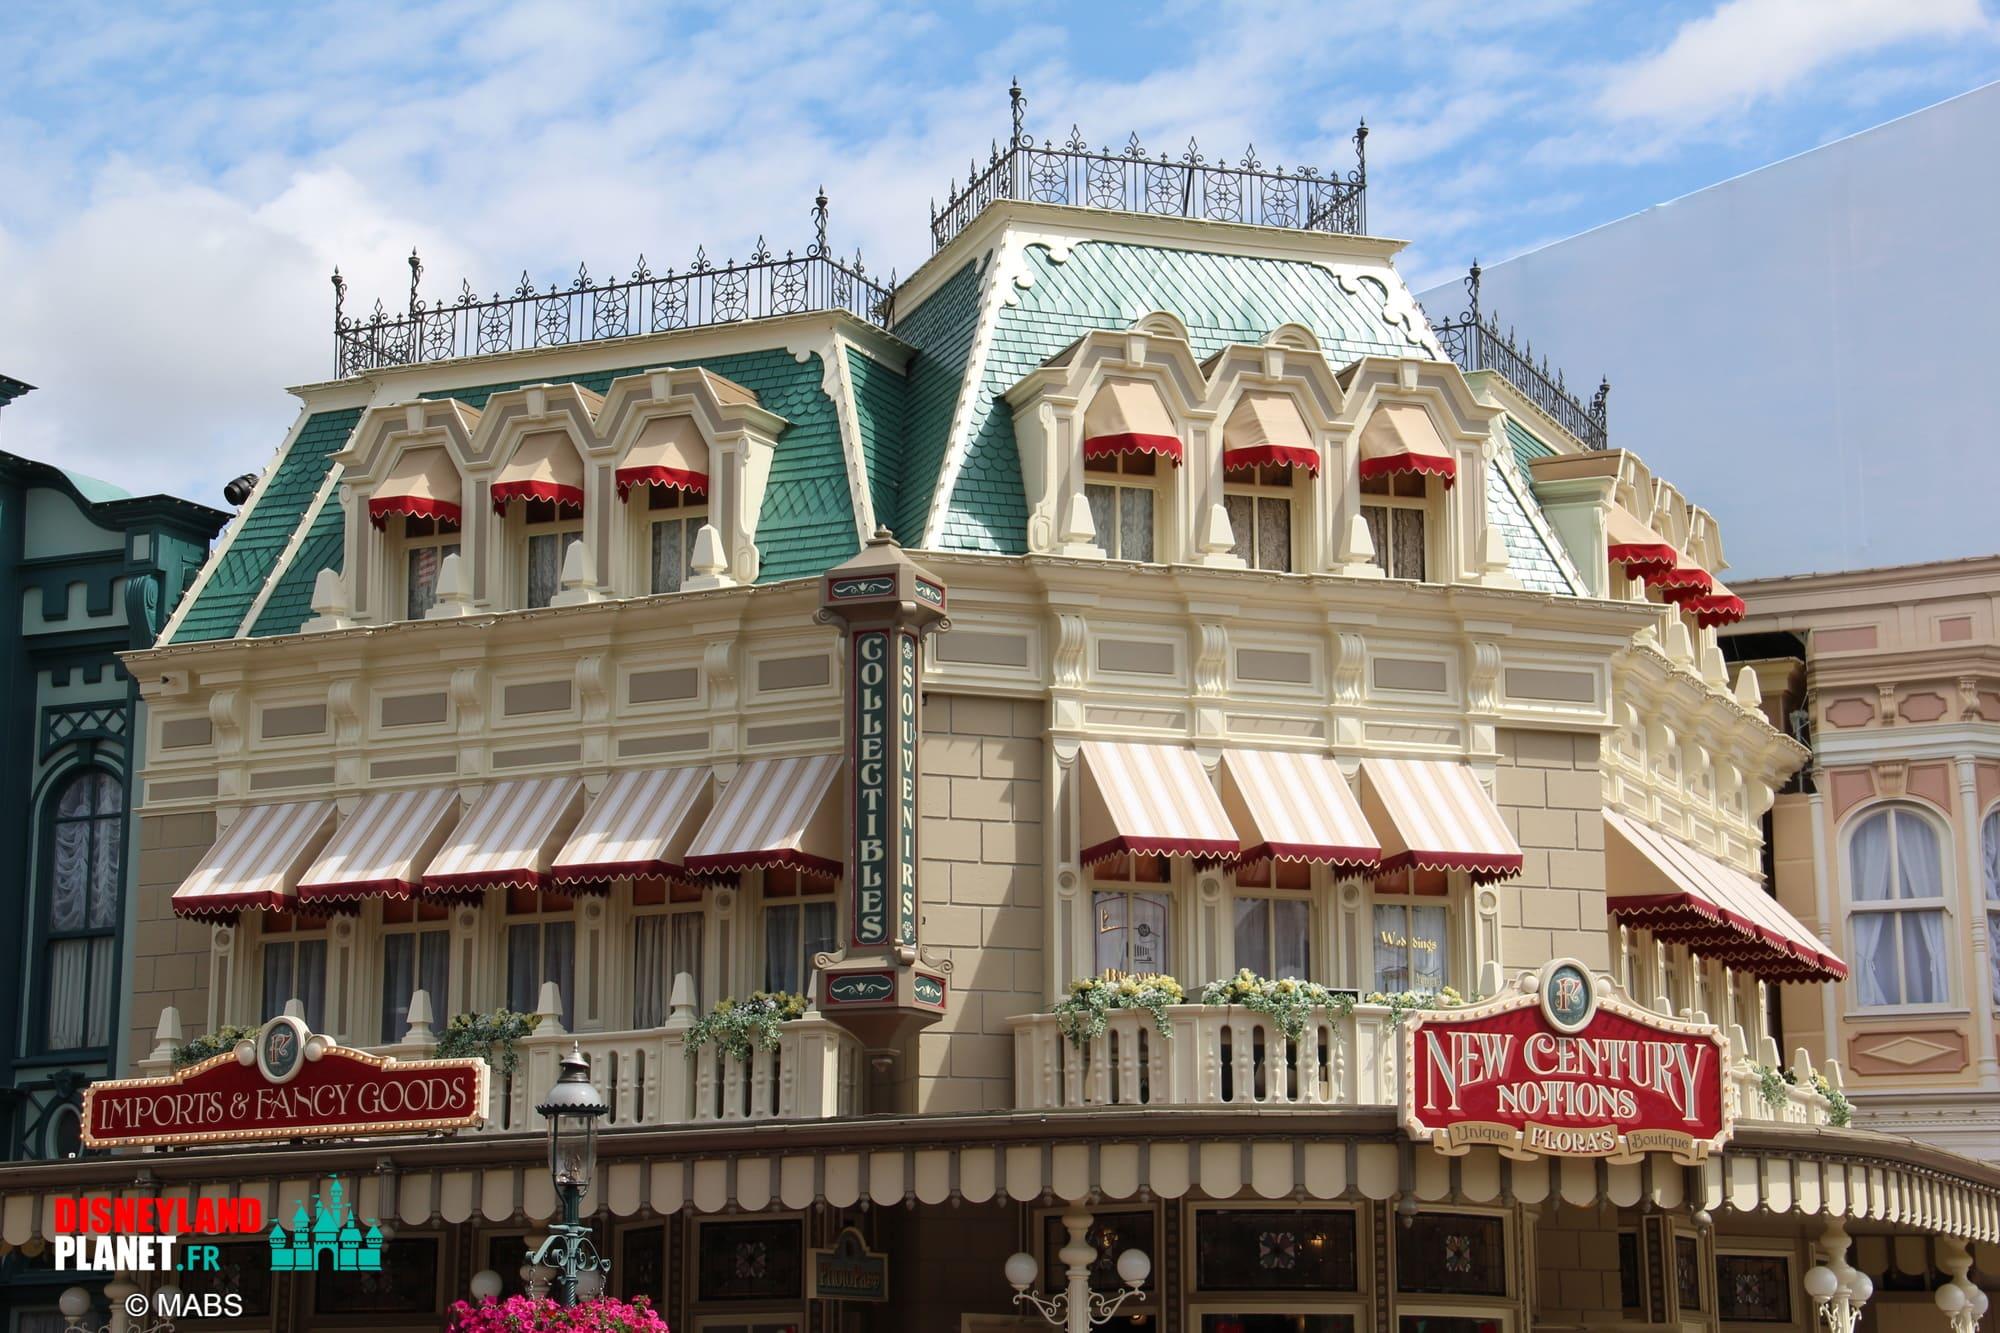 new century notions floras unique boutique disneyland paris